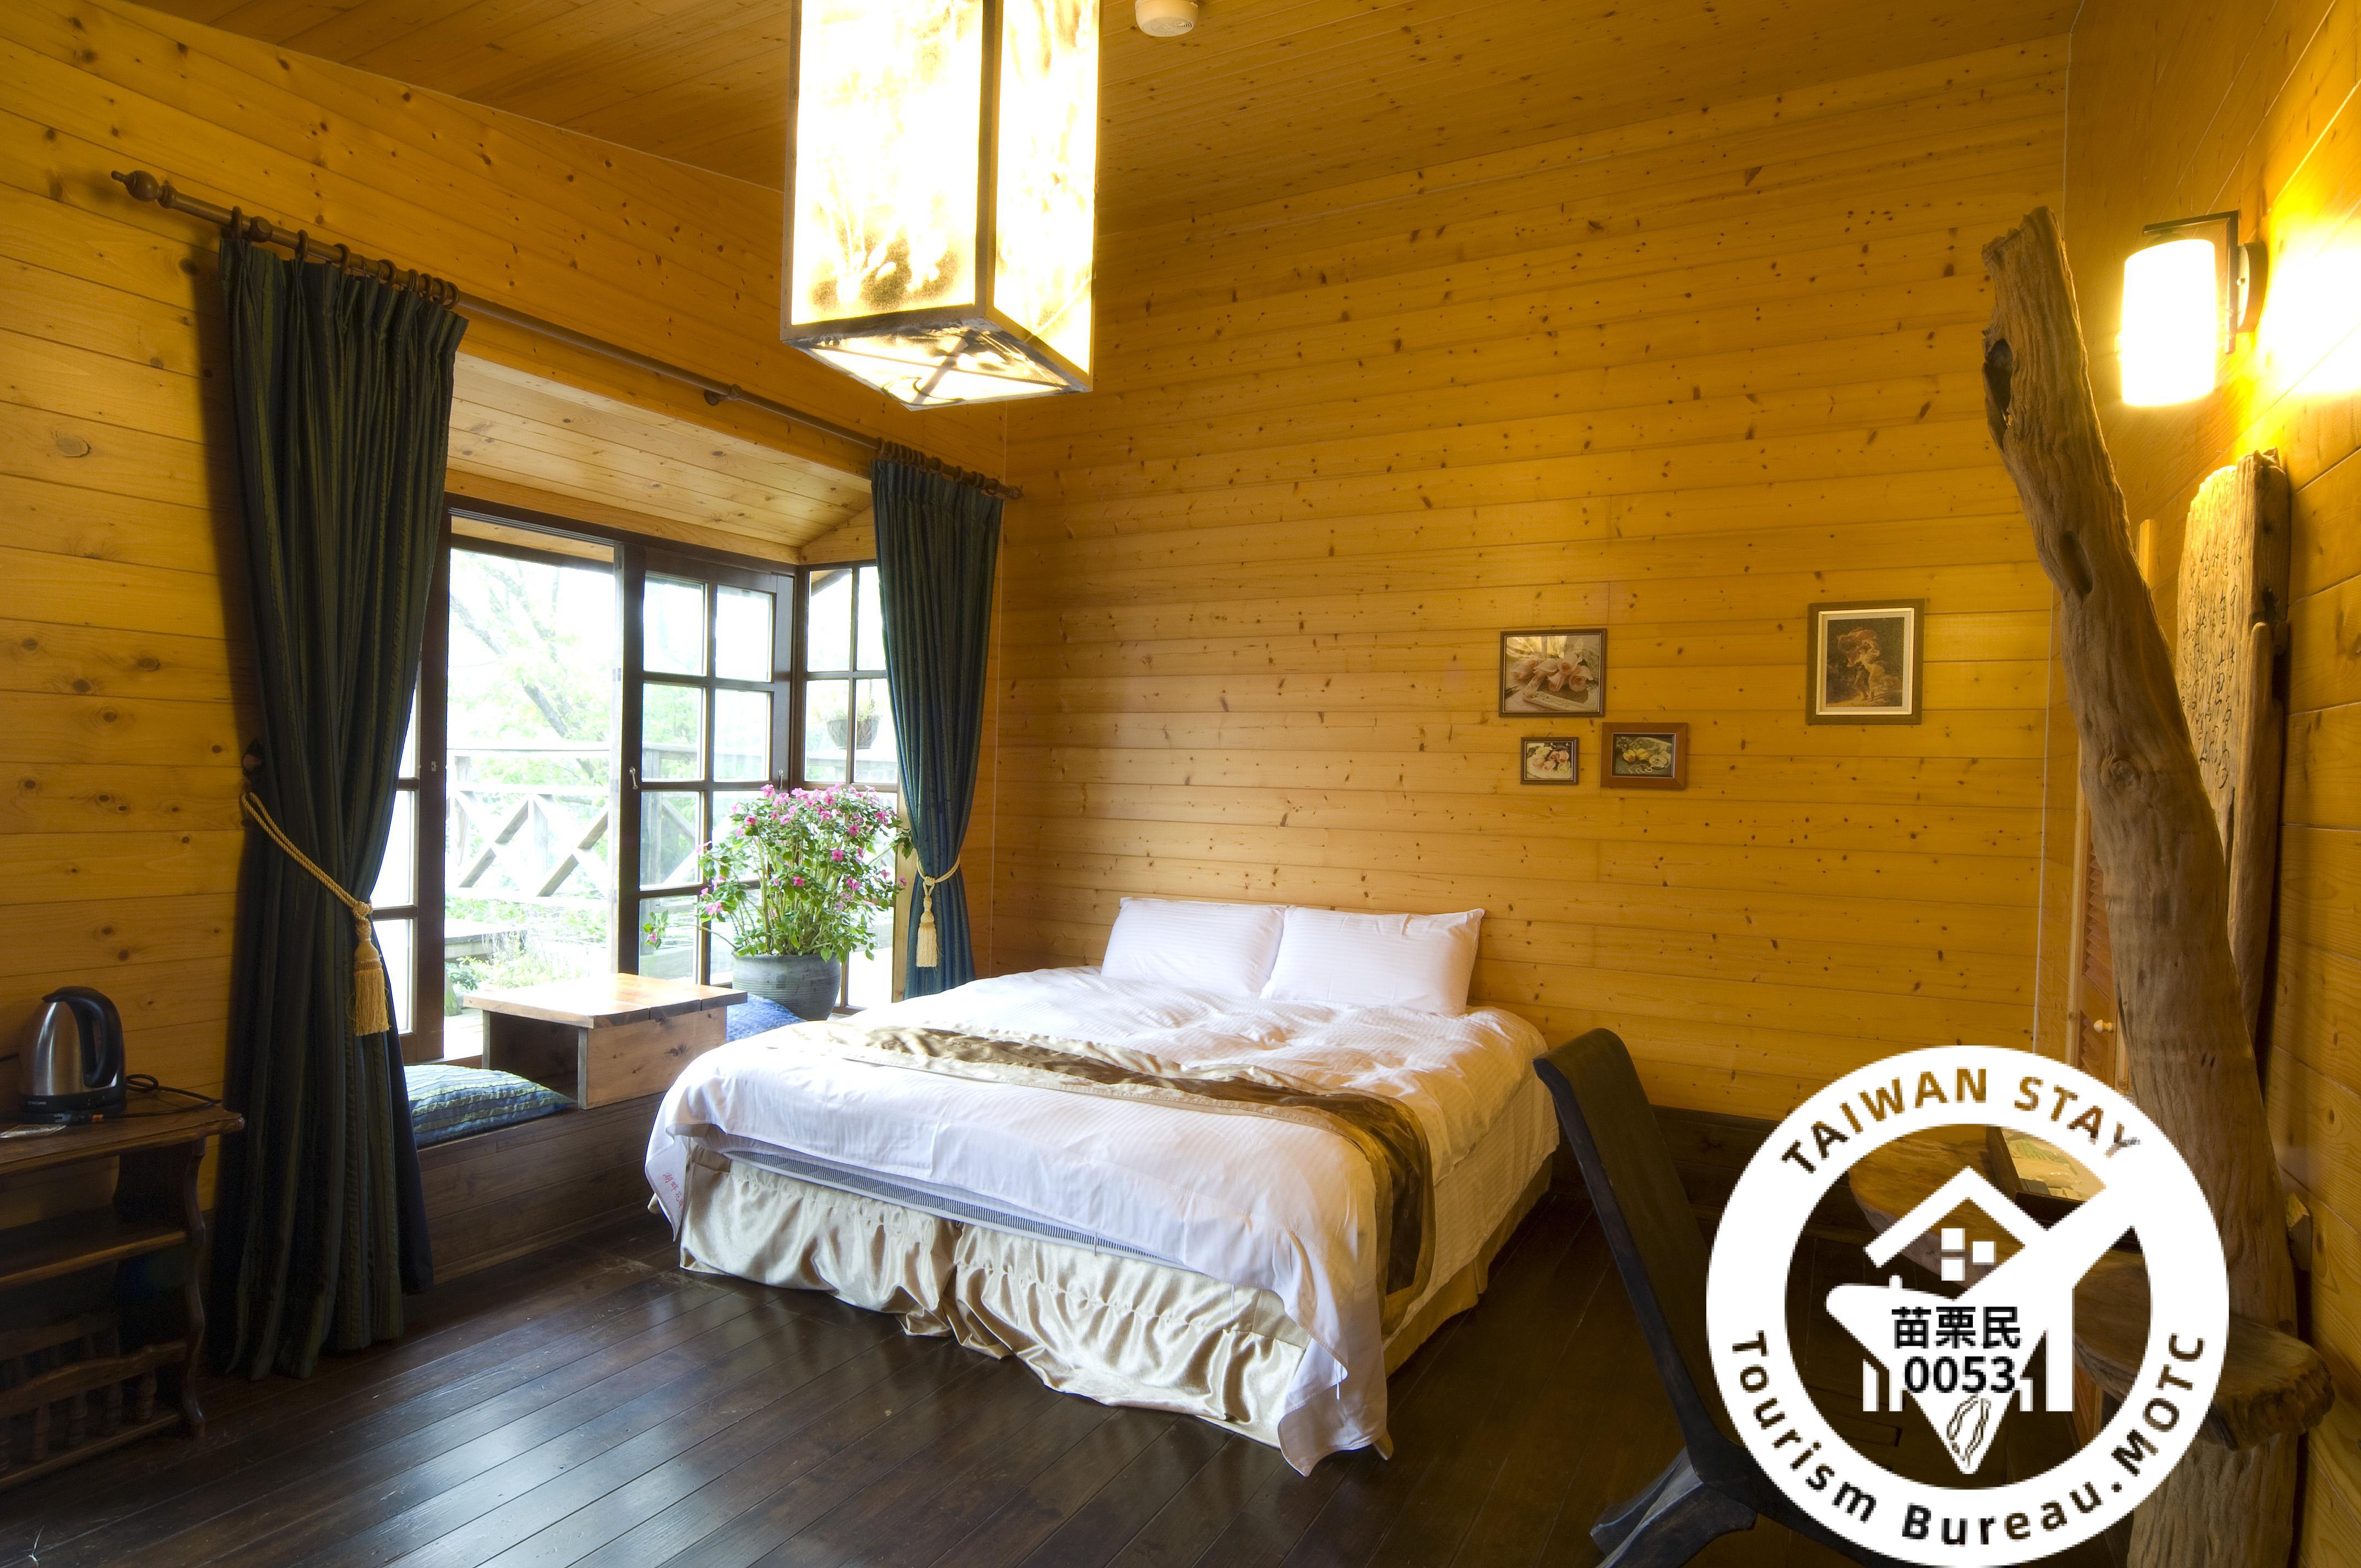 樓上小木屋雙人套房照片_1